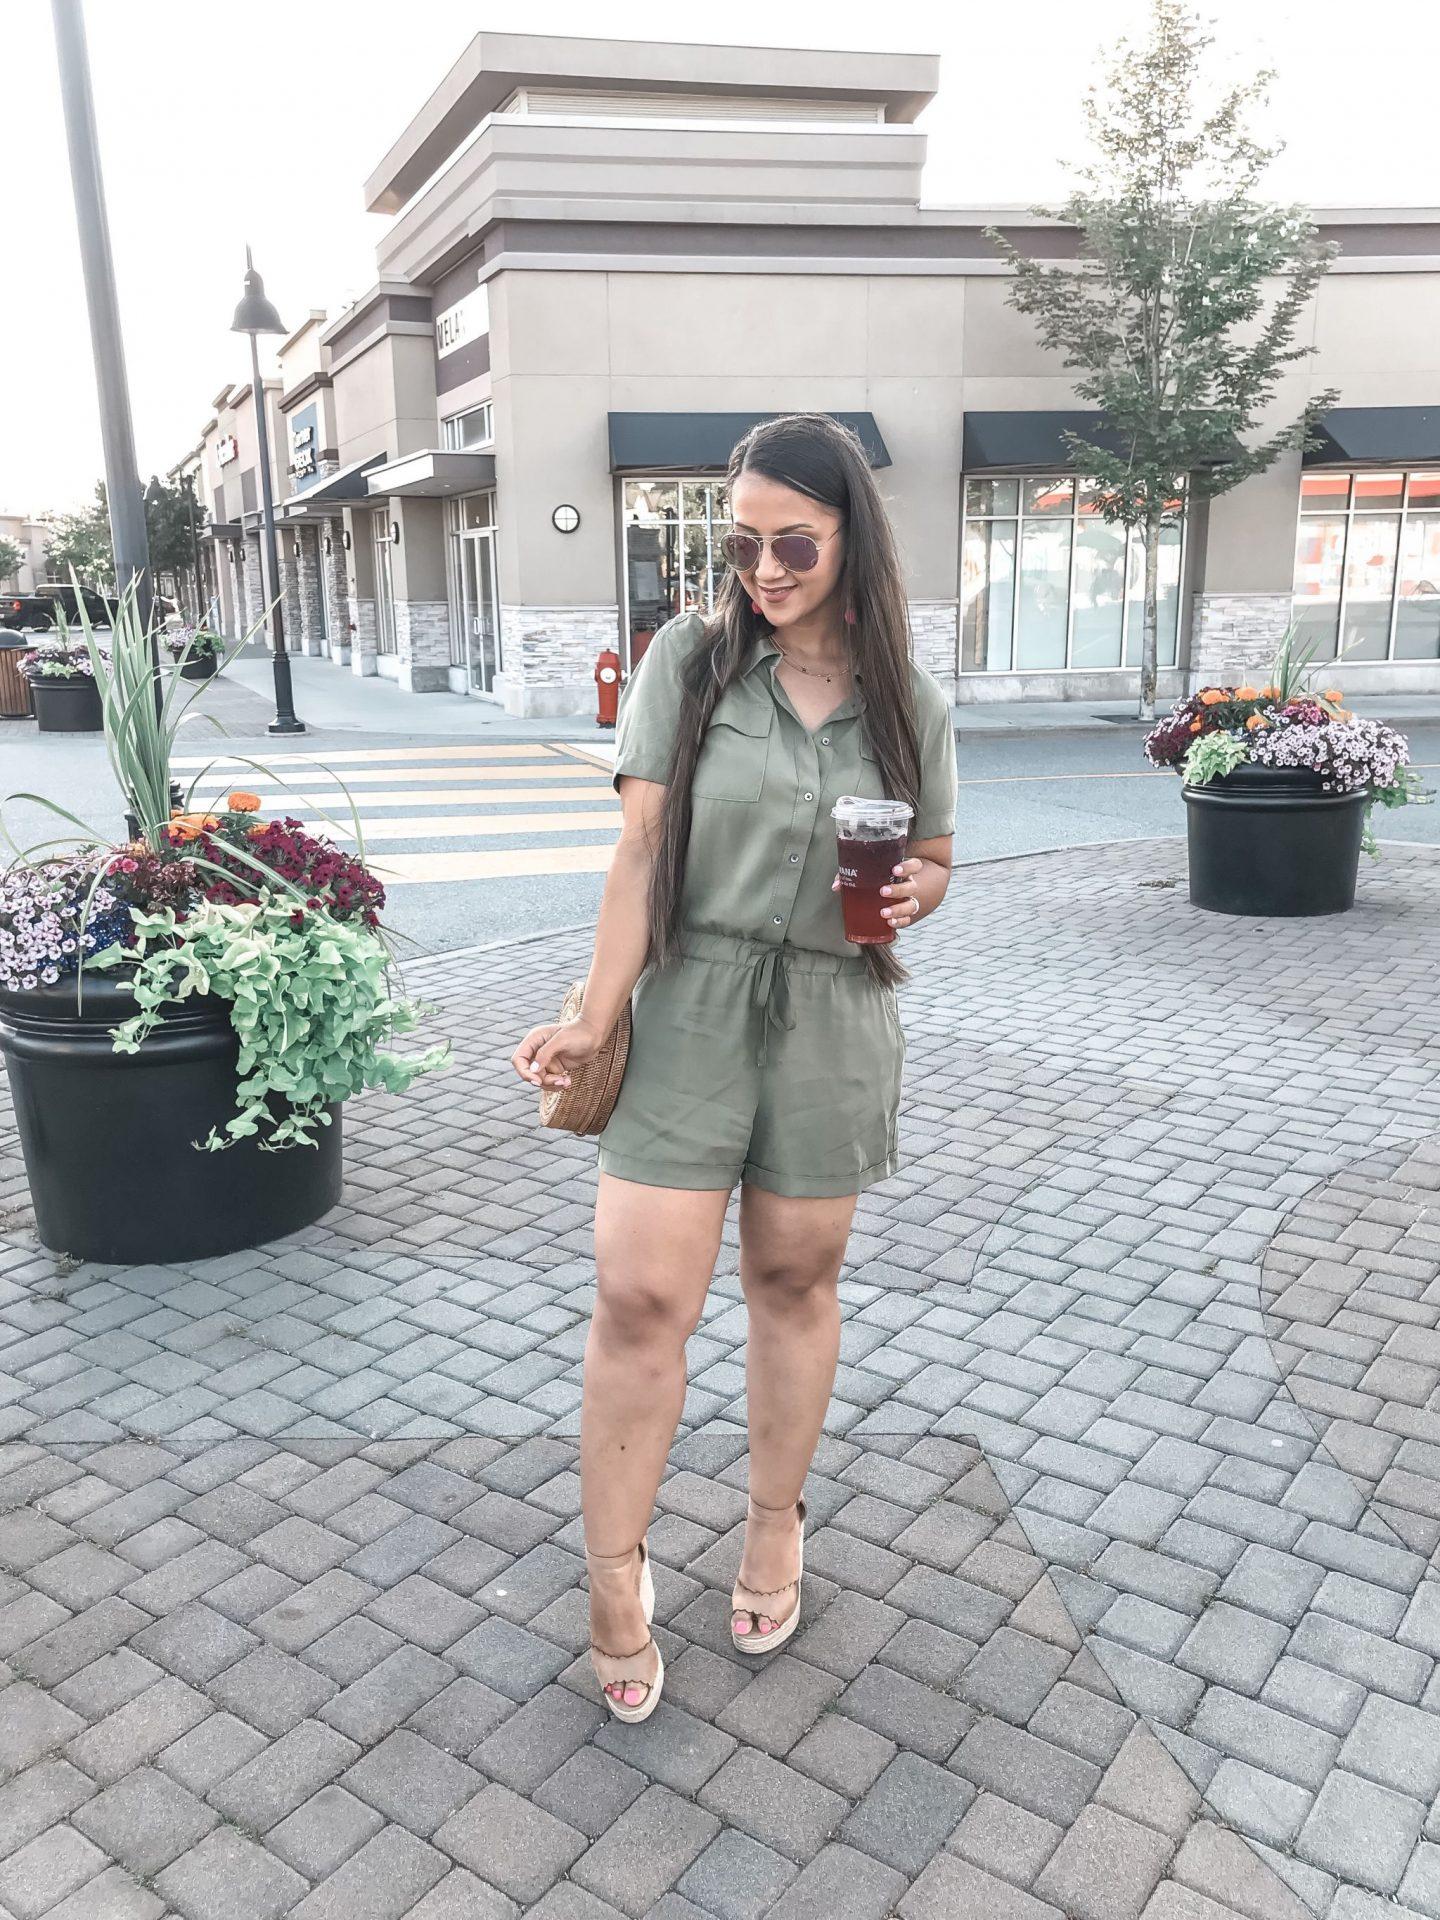 Five guilt free Starbucks drinks